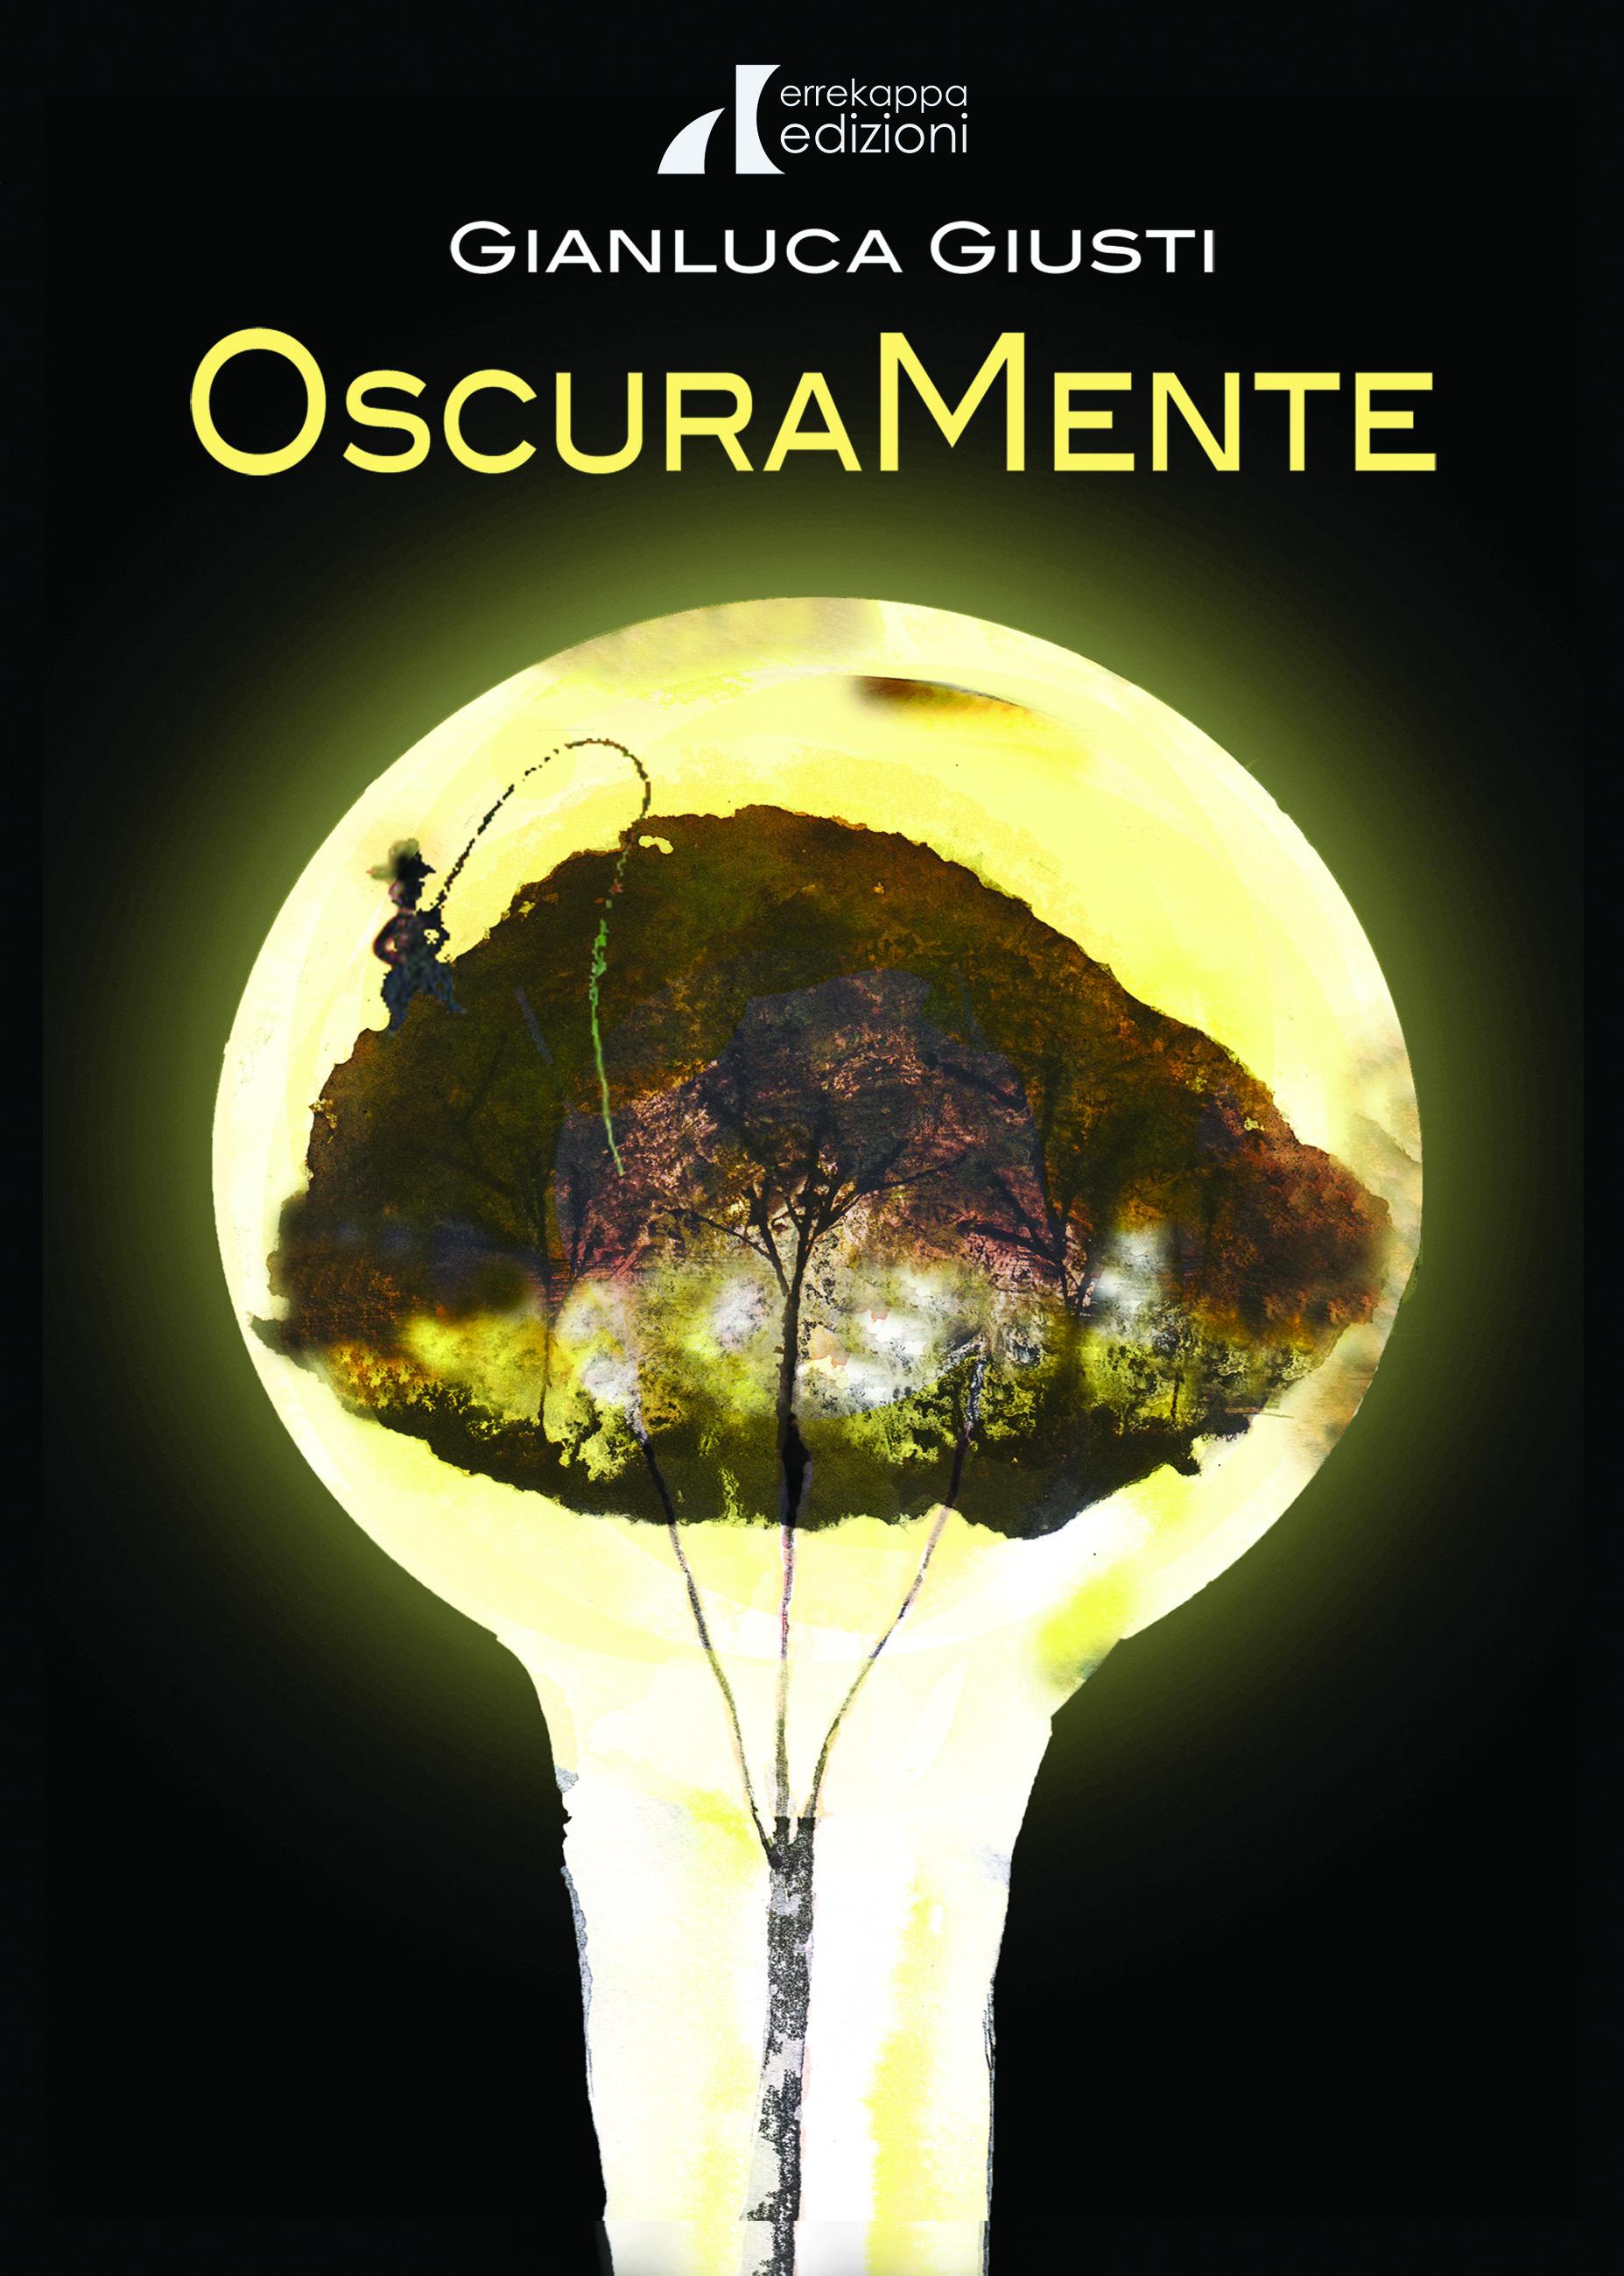 L'opera OscuraMente, alla scoperta del cervello umano.